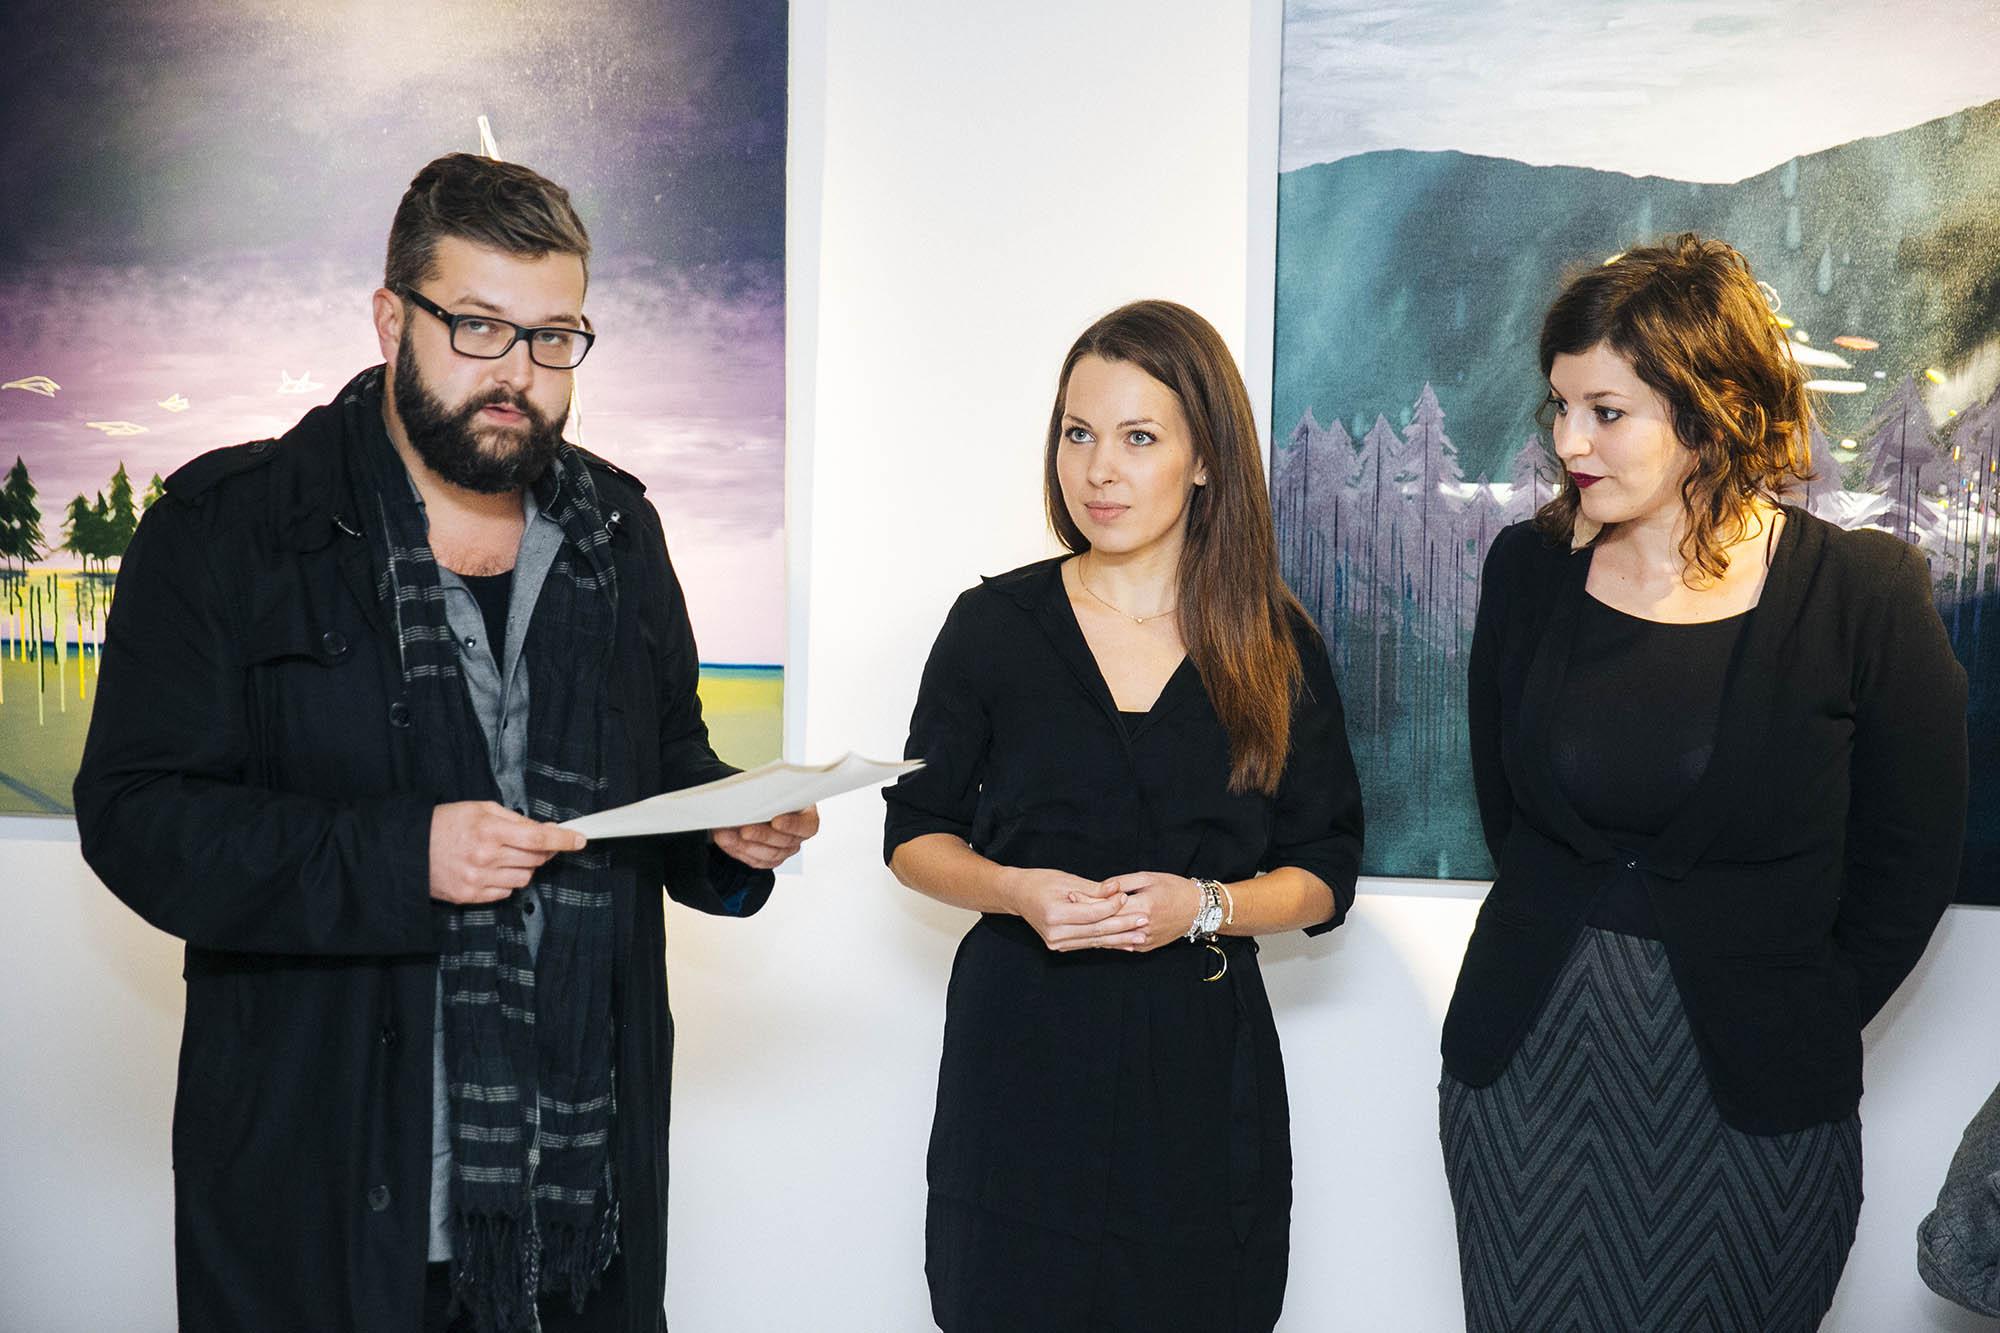 Benkő Lilla kiállítás 2016.11.14. Fotó: Horváth Péter Gyula